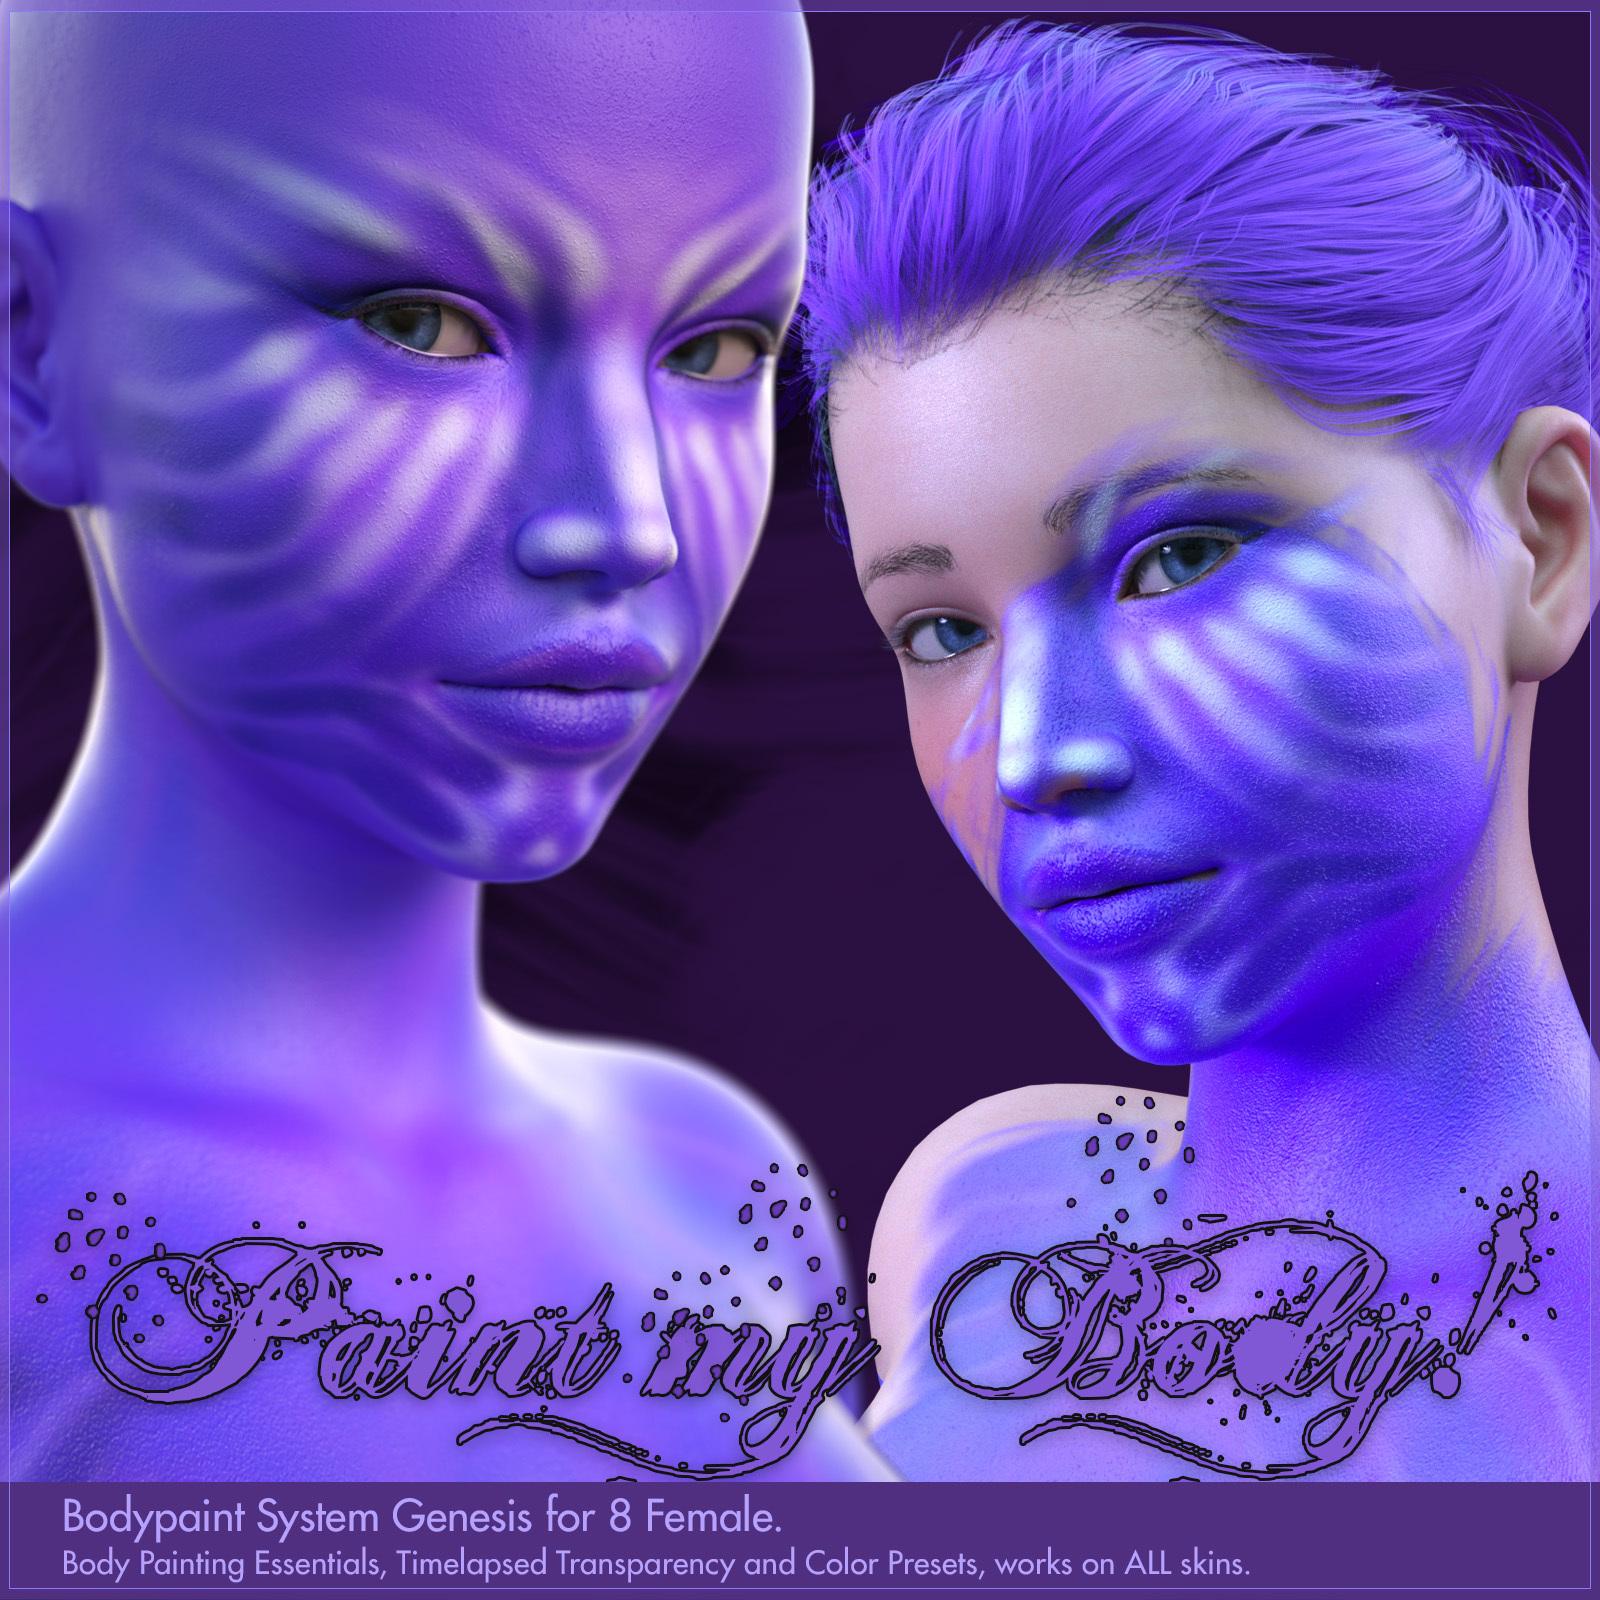 Bodypaint for Genesis 8 Female